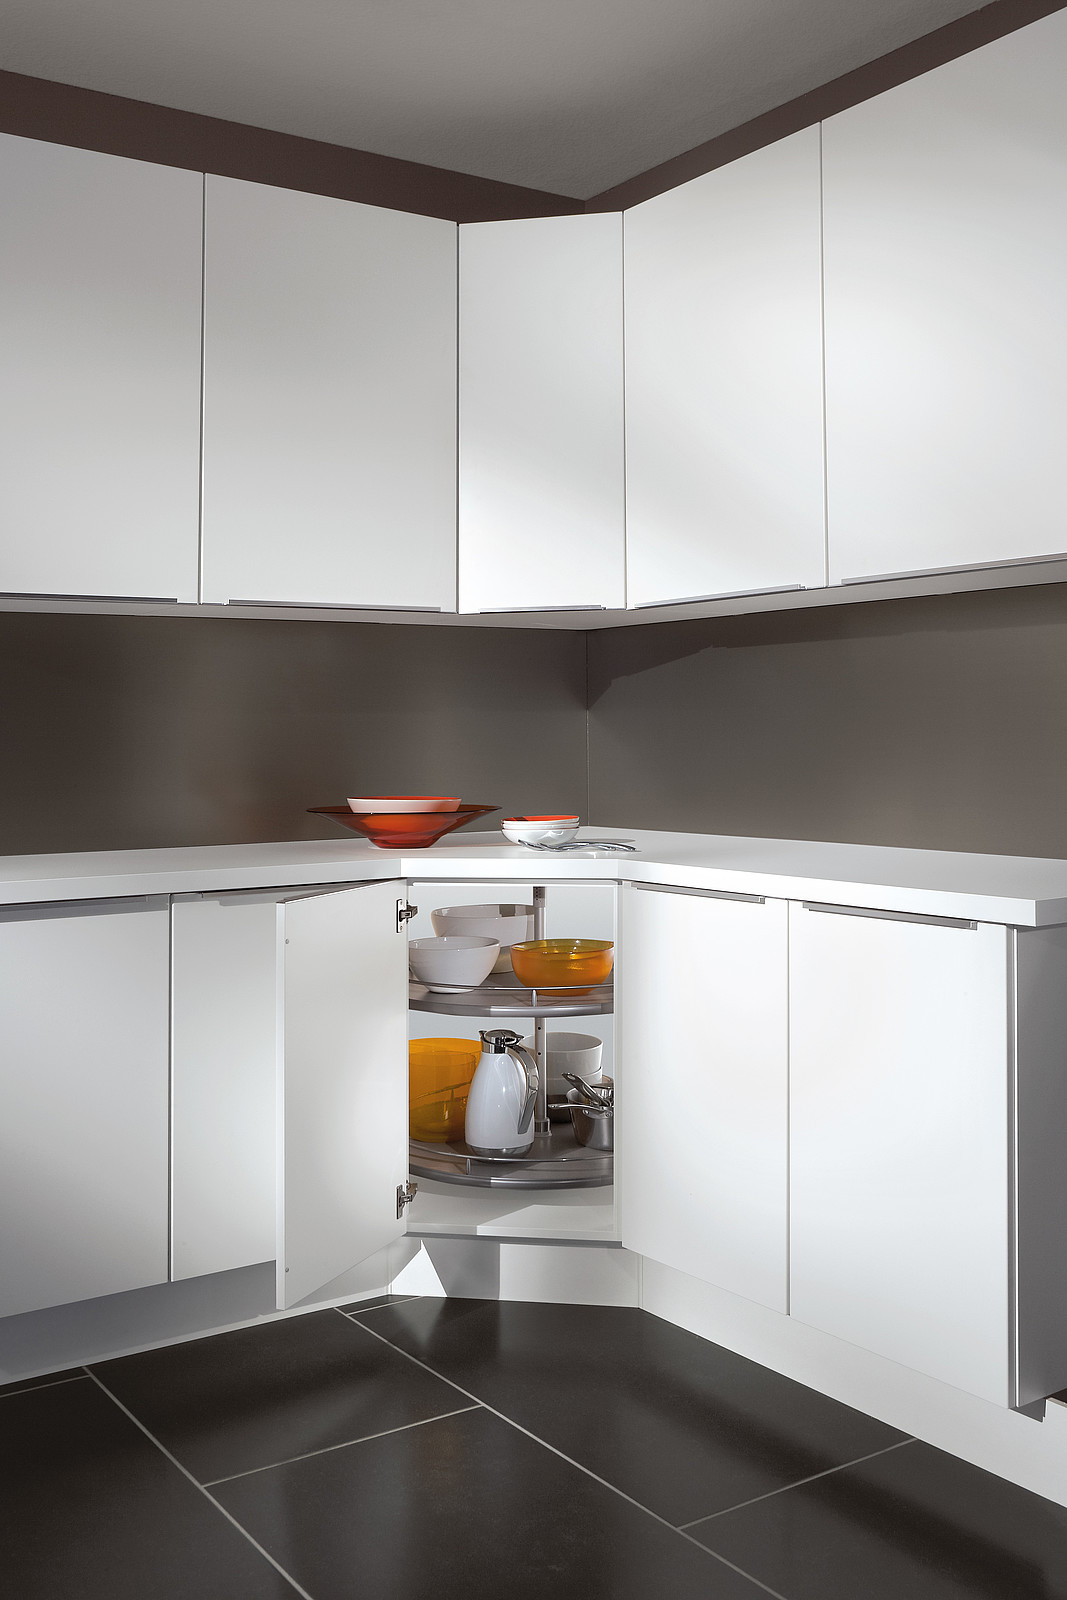 Full Size of Küchen Eckschrank Rondell In Der Kche Alle Ecklsungen Im Berblick Küche Regal Bad Schlafzimmer Wohnzimmer Küchen Eckschrank Rondell